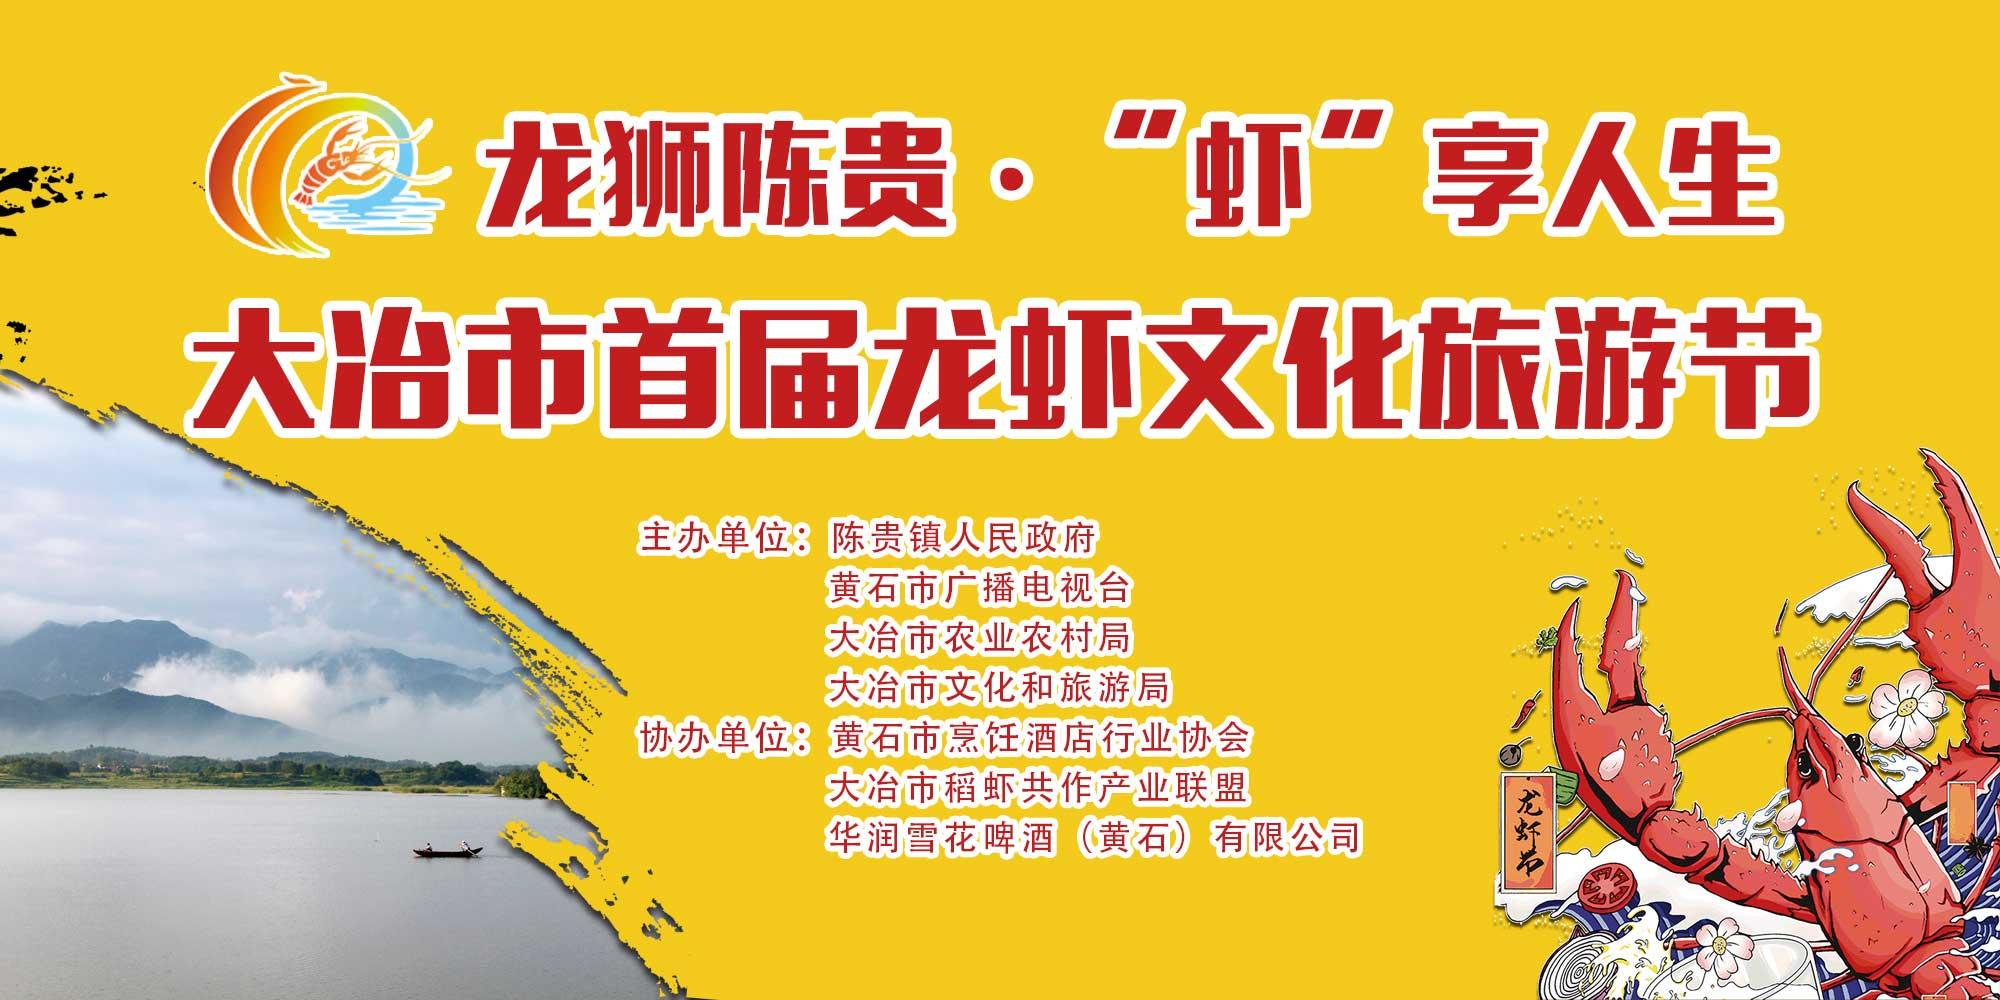 title='龍獅陳貴.蝦享人生——大冶市首屆龍蝦文化旅游節'